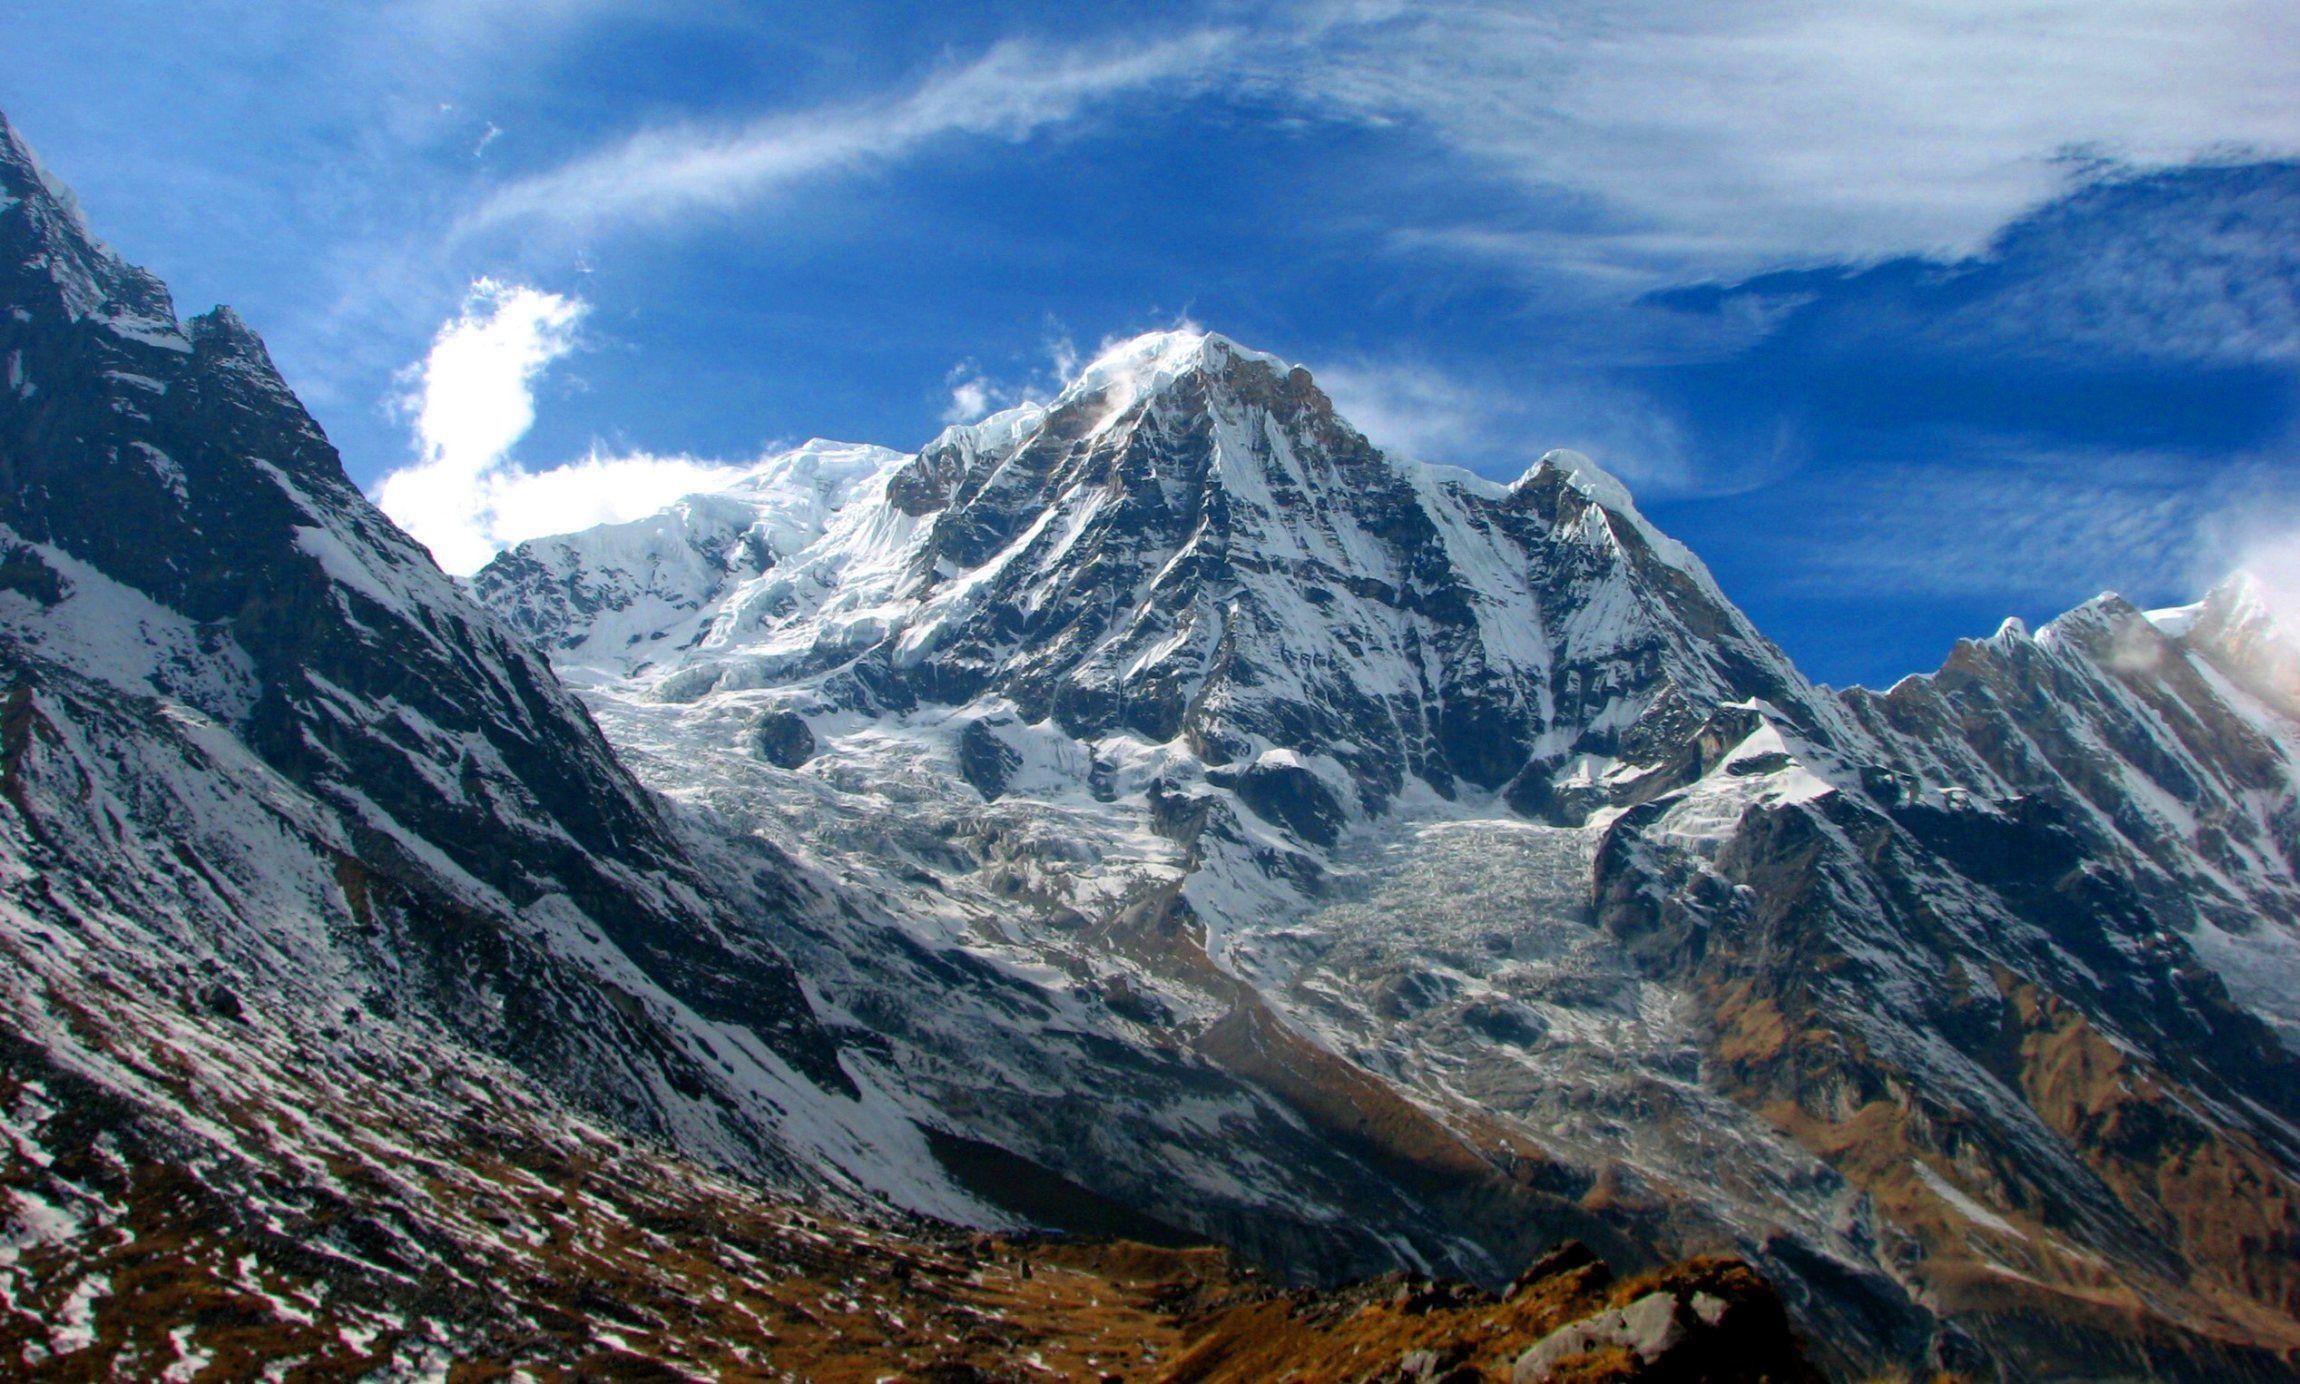 HD Himalaya Desktop Wallpaper